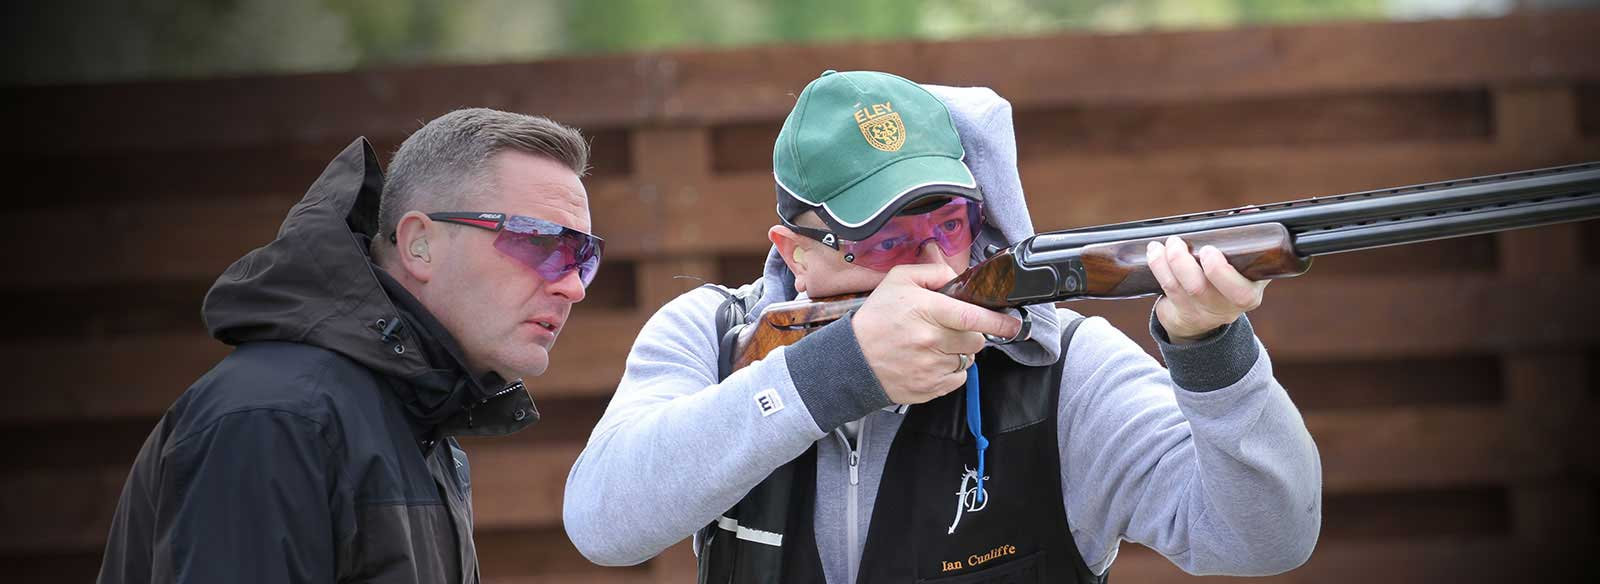 david beardsmore skeet shooting lesson